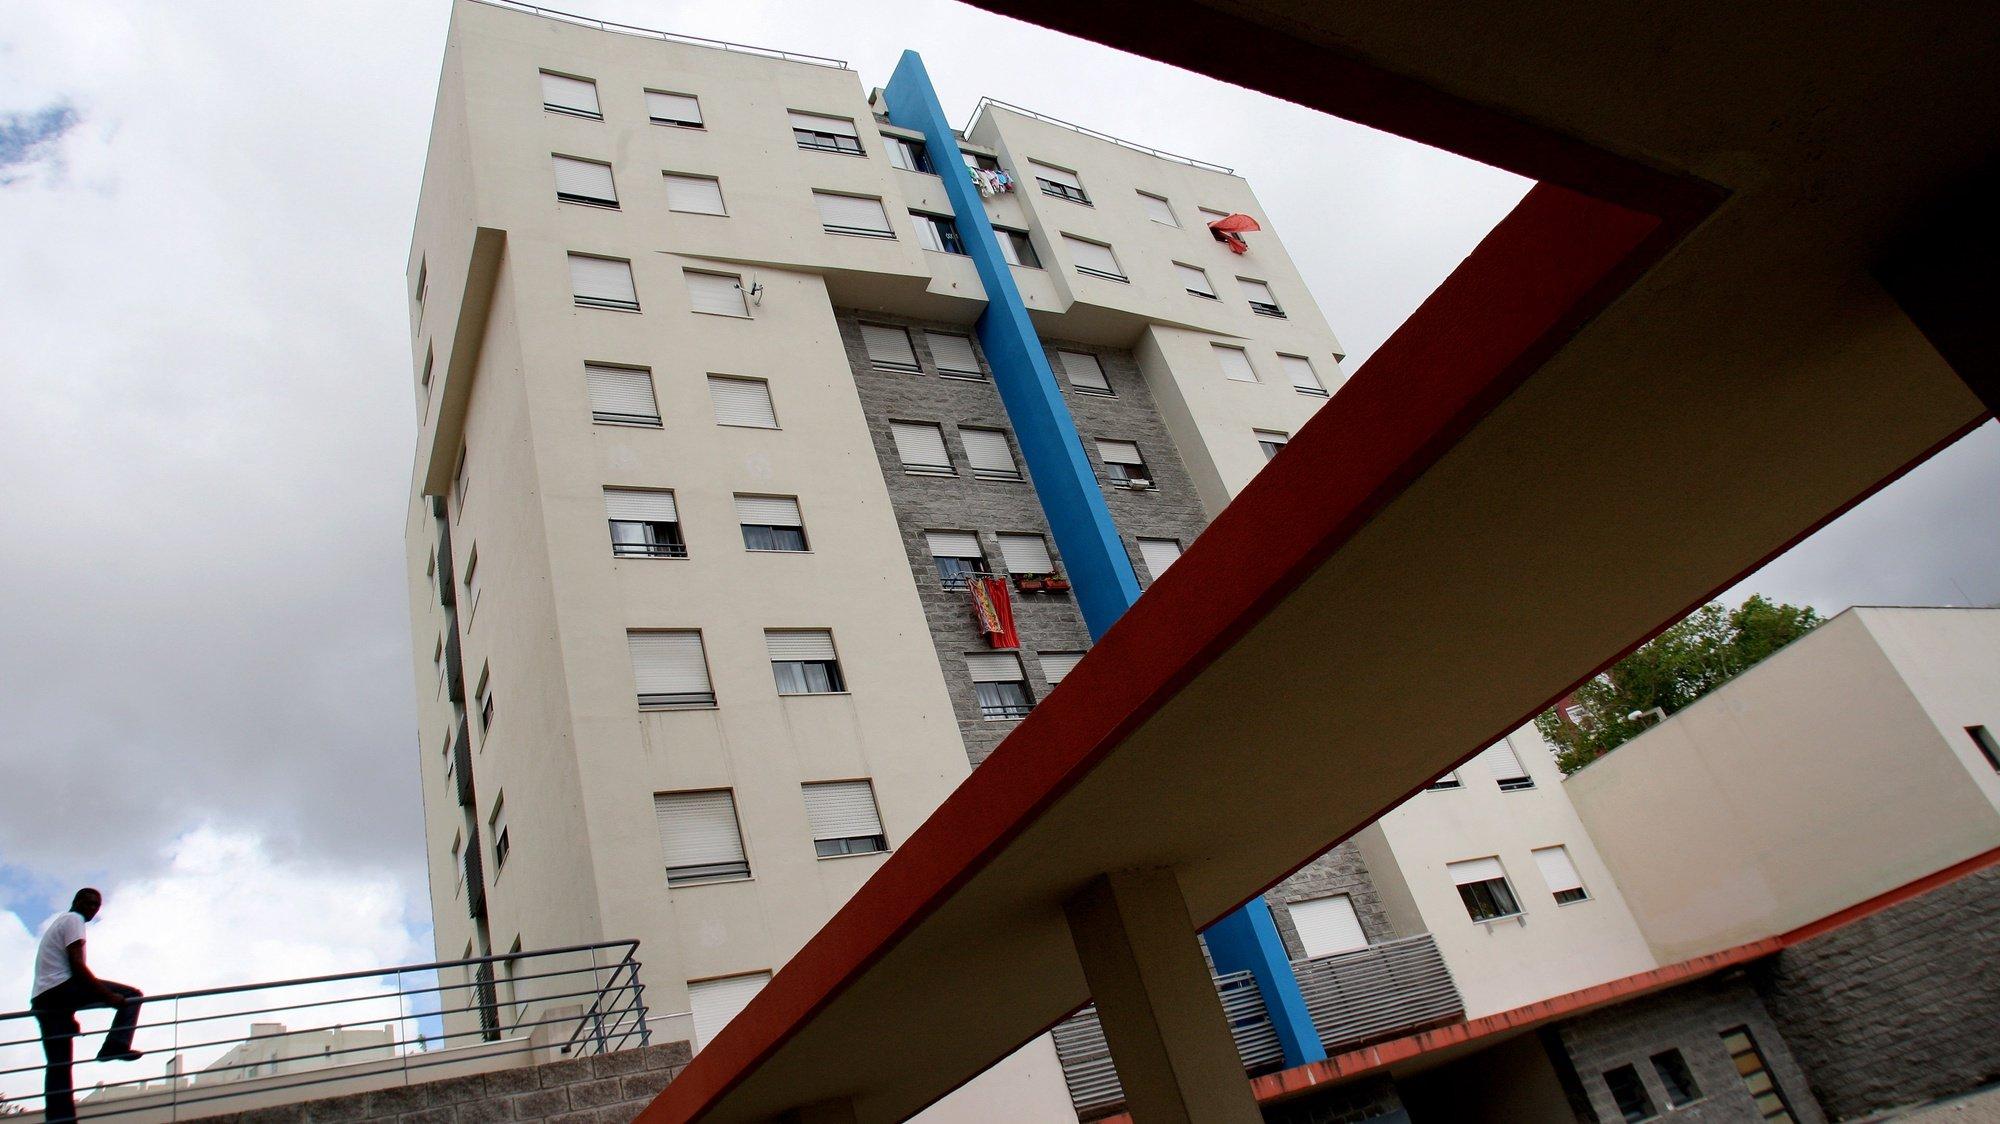 Azulejos do mestre Lima de Freitas e jardins dão as boas-vindas aos moradores de um bairro social nos Olivais Sul, um exemplo de integração que contrasta com a degradação de alguns bairros de realojamento que são notícia pelas piores razões, em Lisboa, 14 Maio 2009, em Lisboa. (ACOMPANHA TEXTO). MARIO CRUZ/LUSA